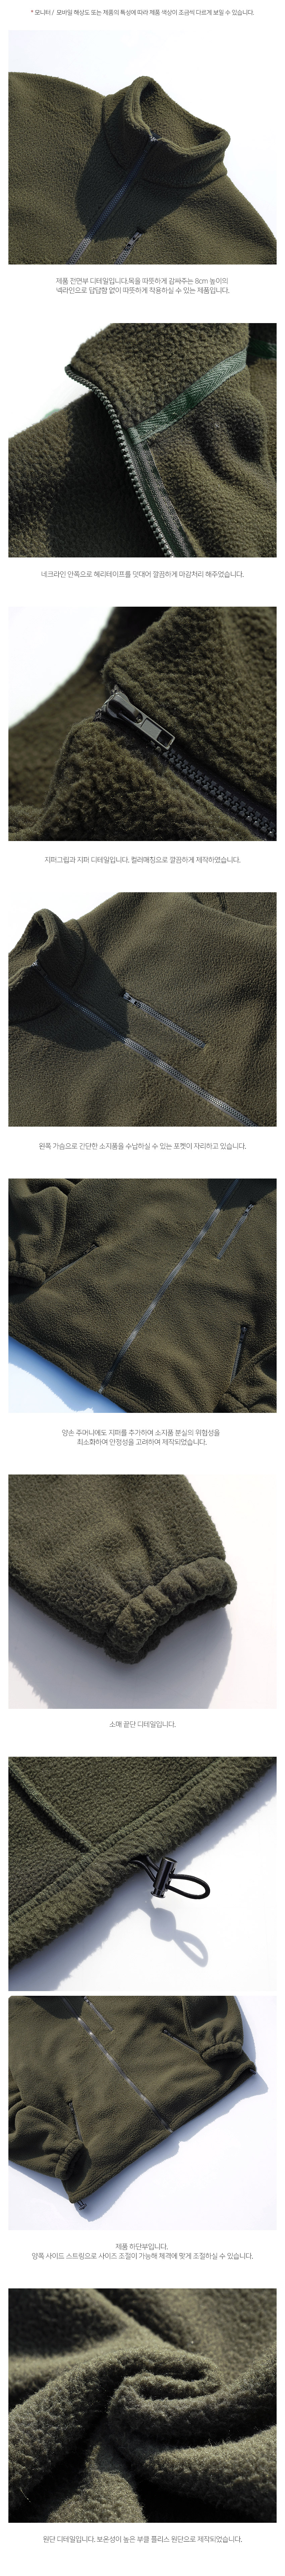 6_KHOT1229_detail_khaki2.jpg